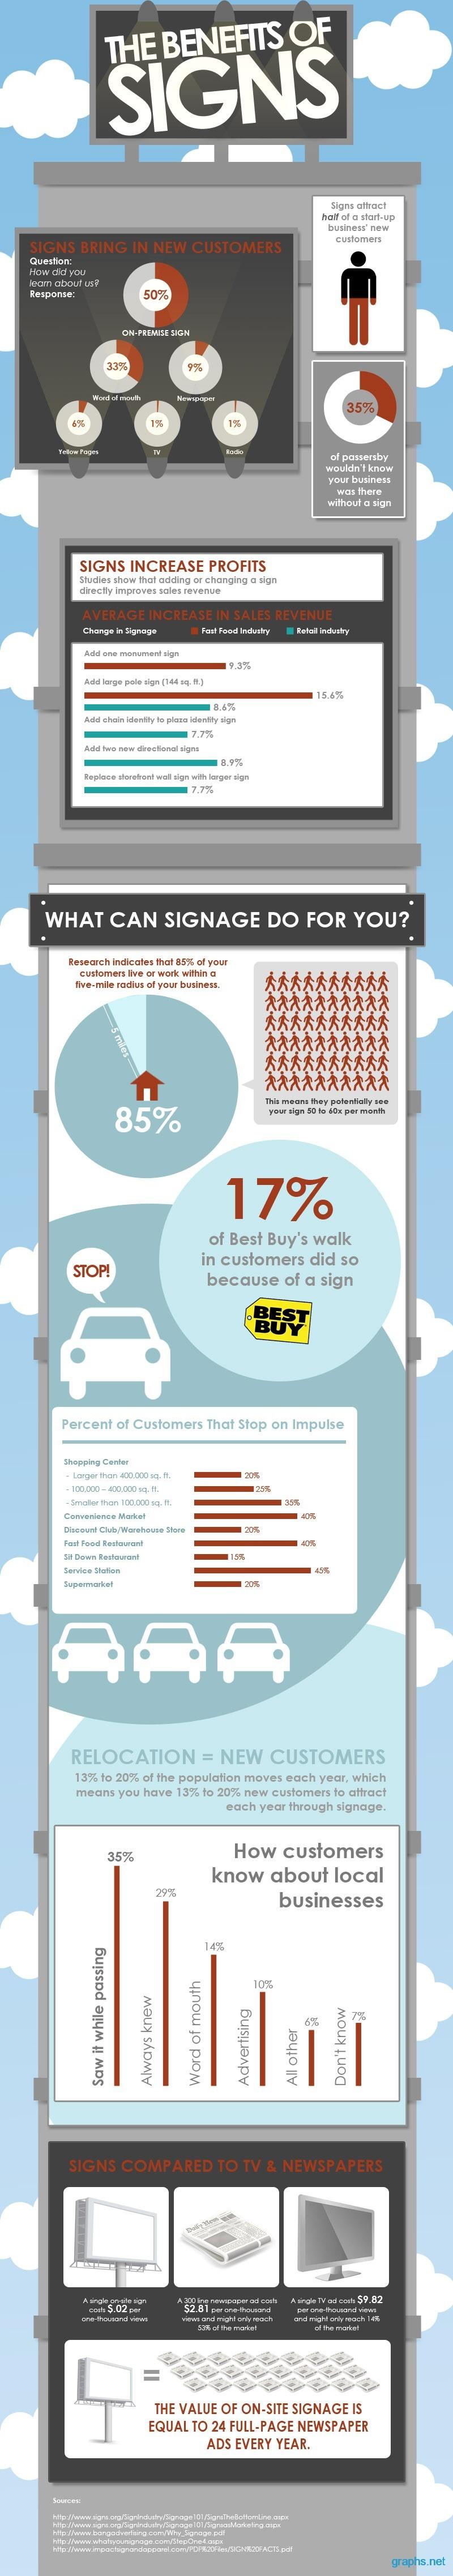 Signage Benefits